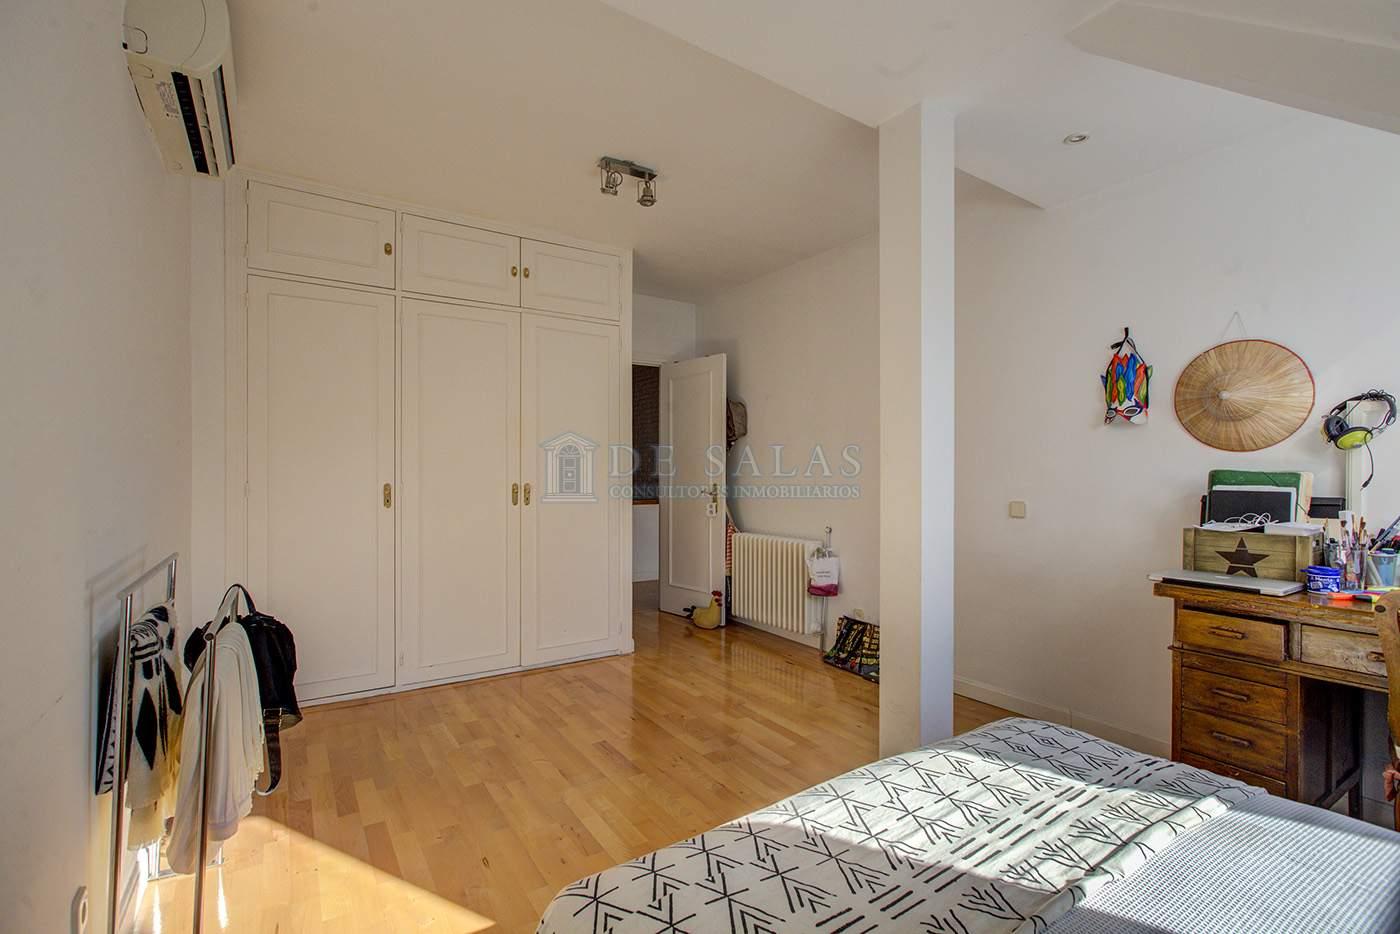 Dormitorio-IMG_9846_7_8 copia